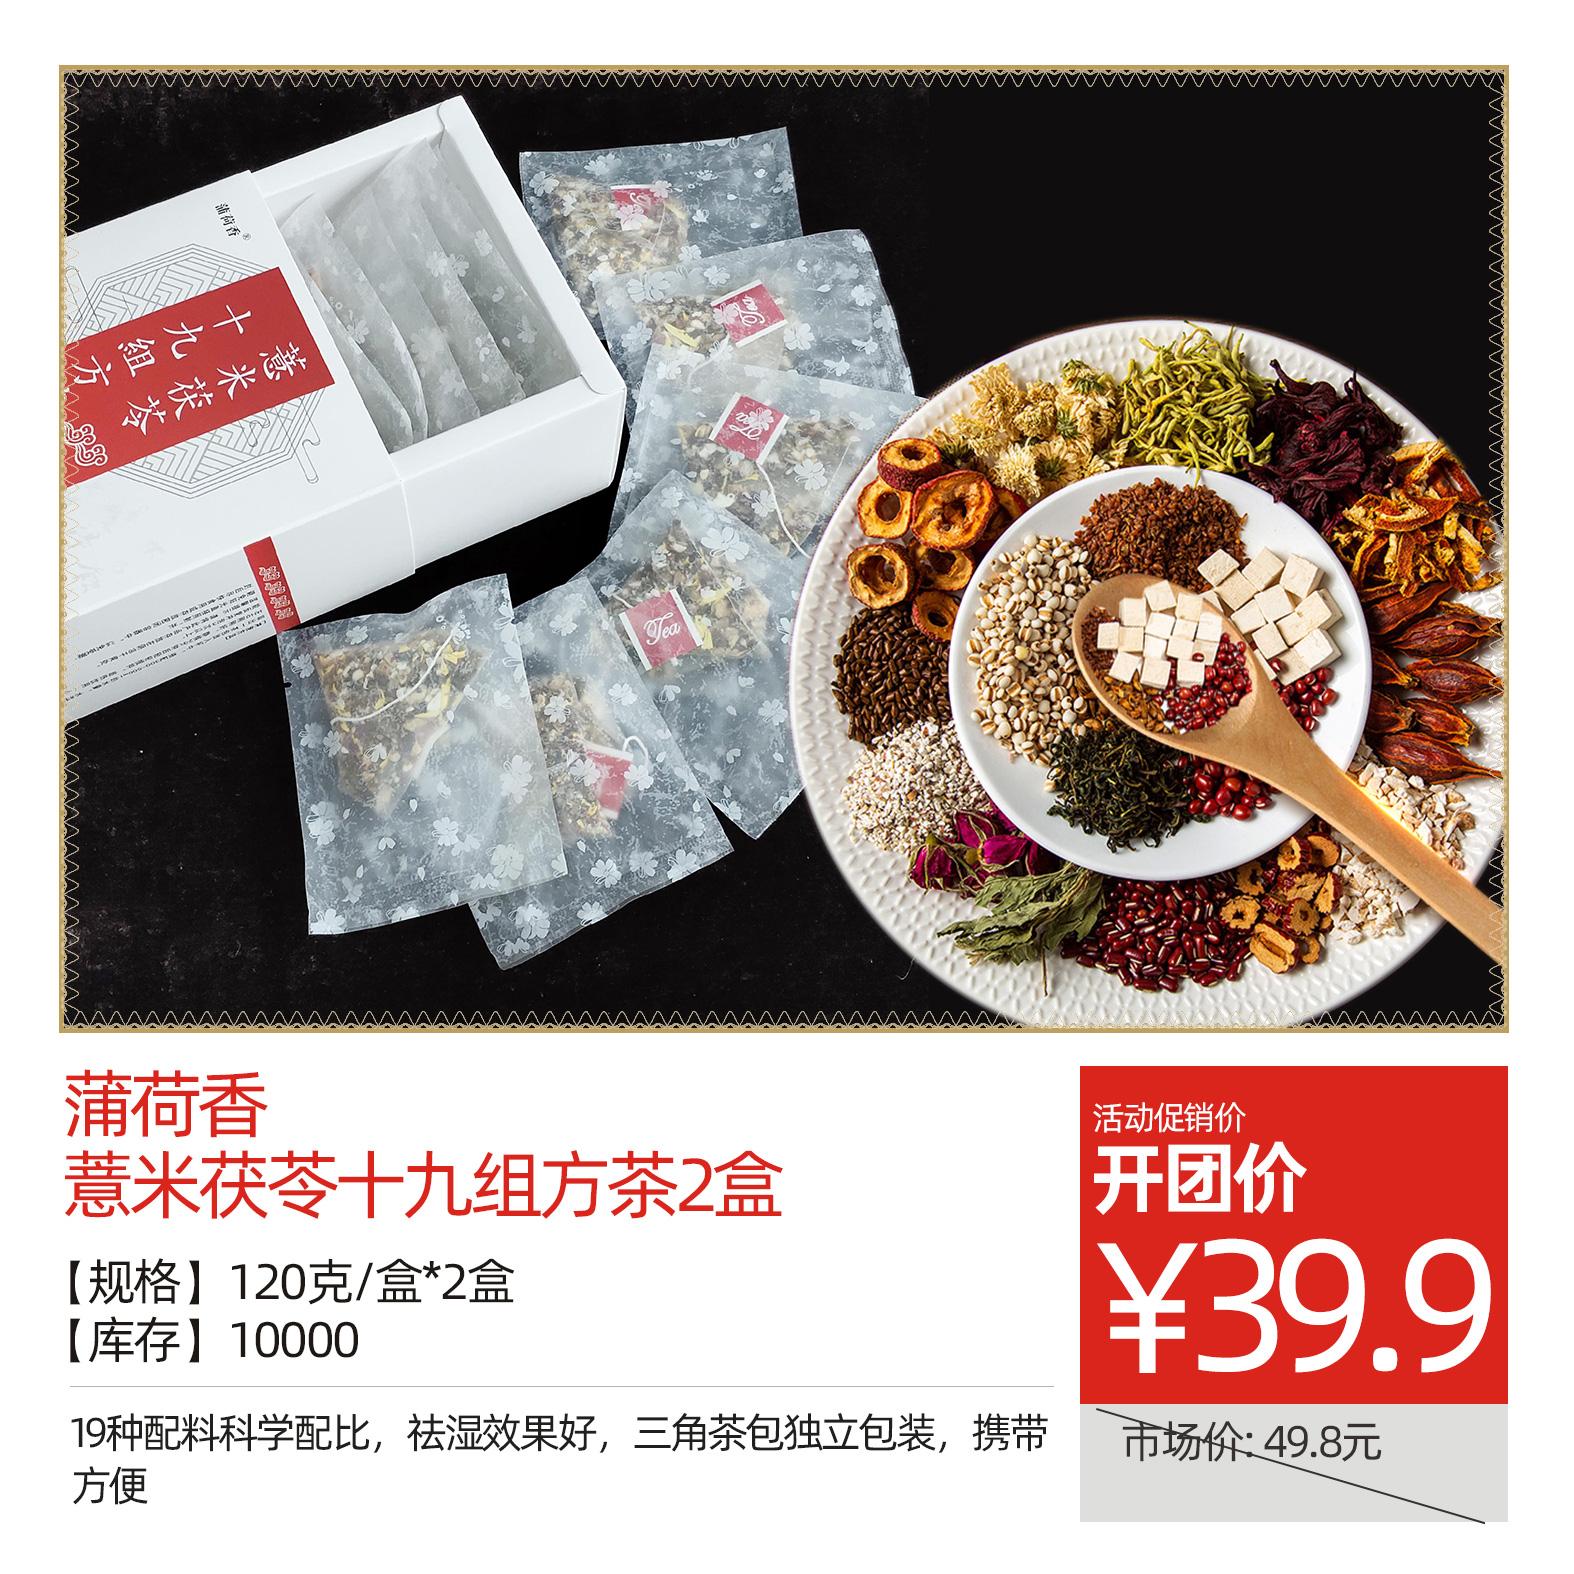 蒲荷香薏米茯苓十九组方茶2盒